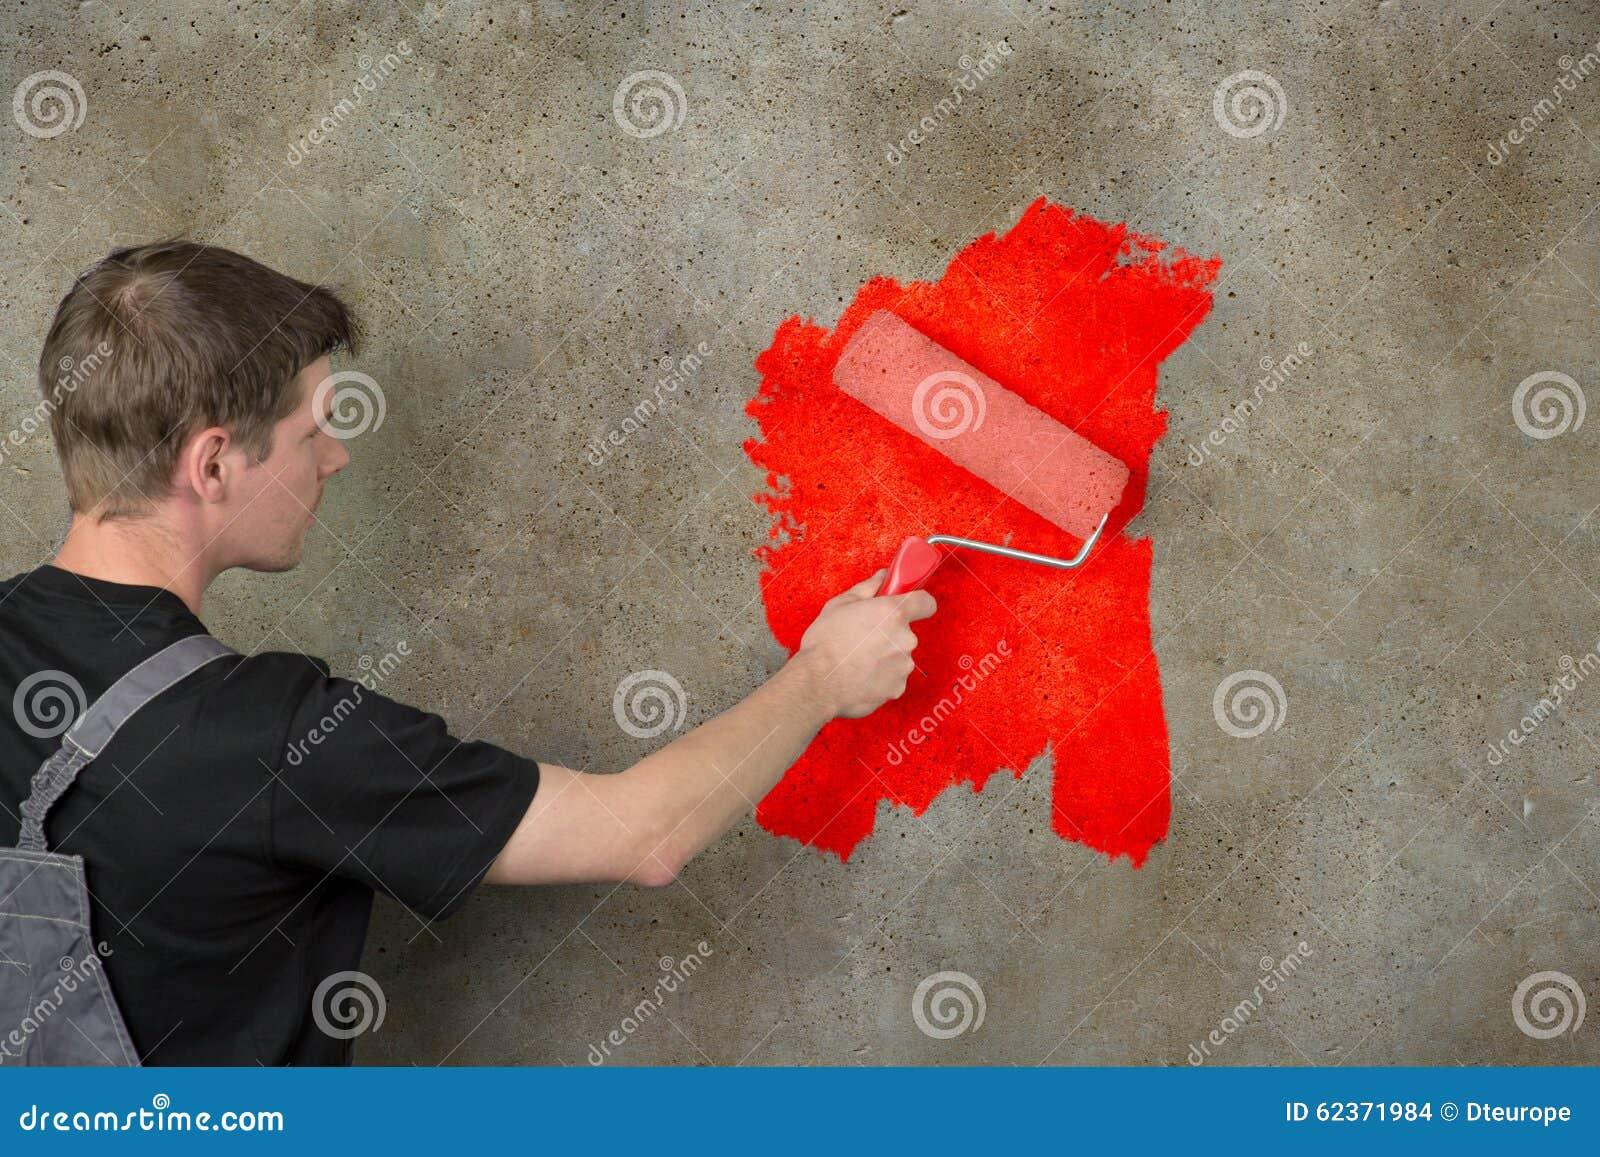 Download Wand Streichen Im Rot Neu Stockfoto. Bild Von Künstlerisch    62371984